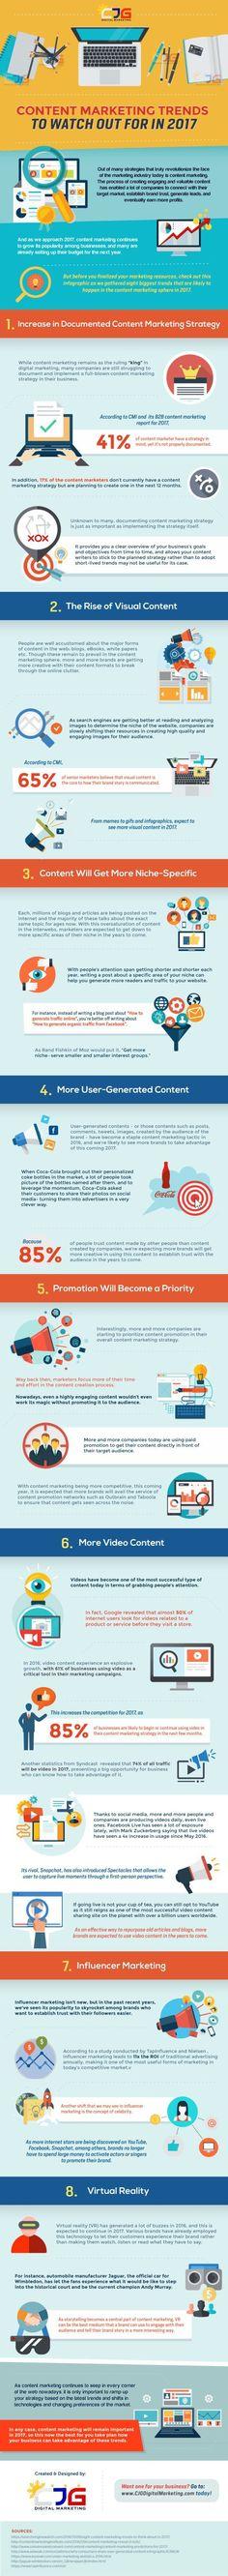 What's hot in the world of marketing? Check out this infographic that outlines Content Marketing Trends for 2017. Clique aqui http://www.estrategiadigital.pt/ferramentas-de-marketing-digital/ e confira agora mesmo as nossas recomendações de Ferramentas de Marketing Digital